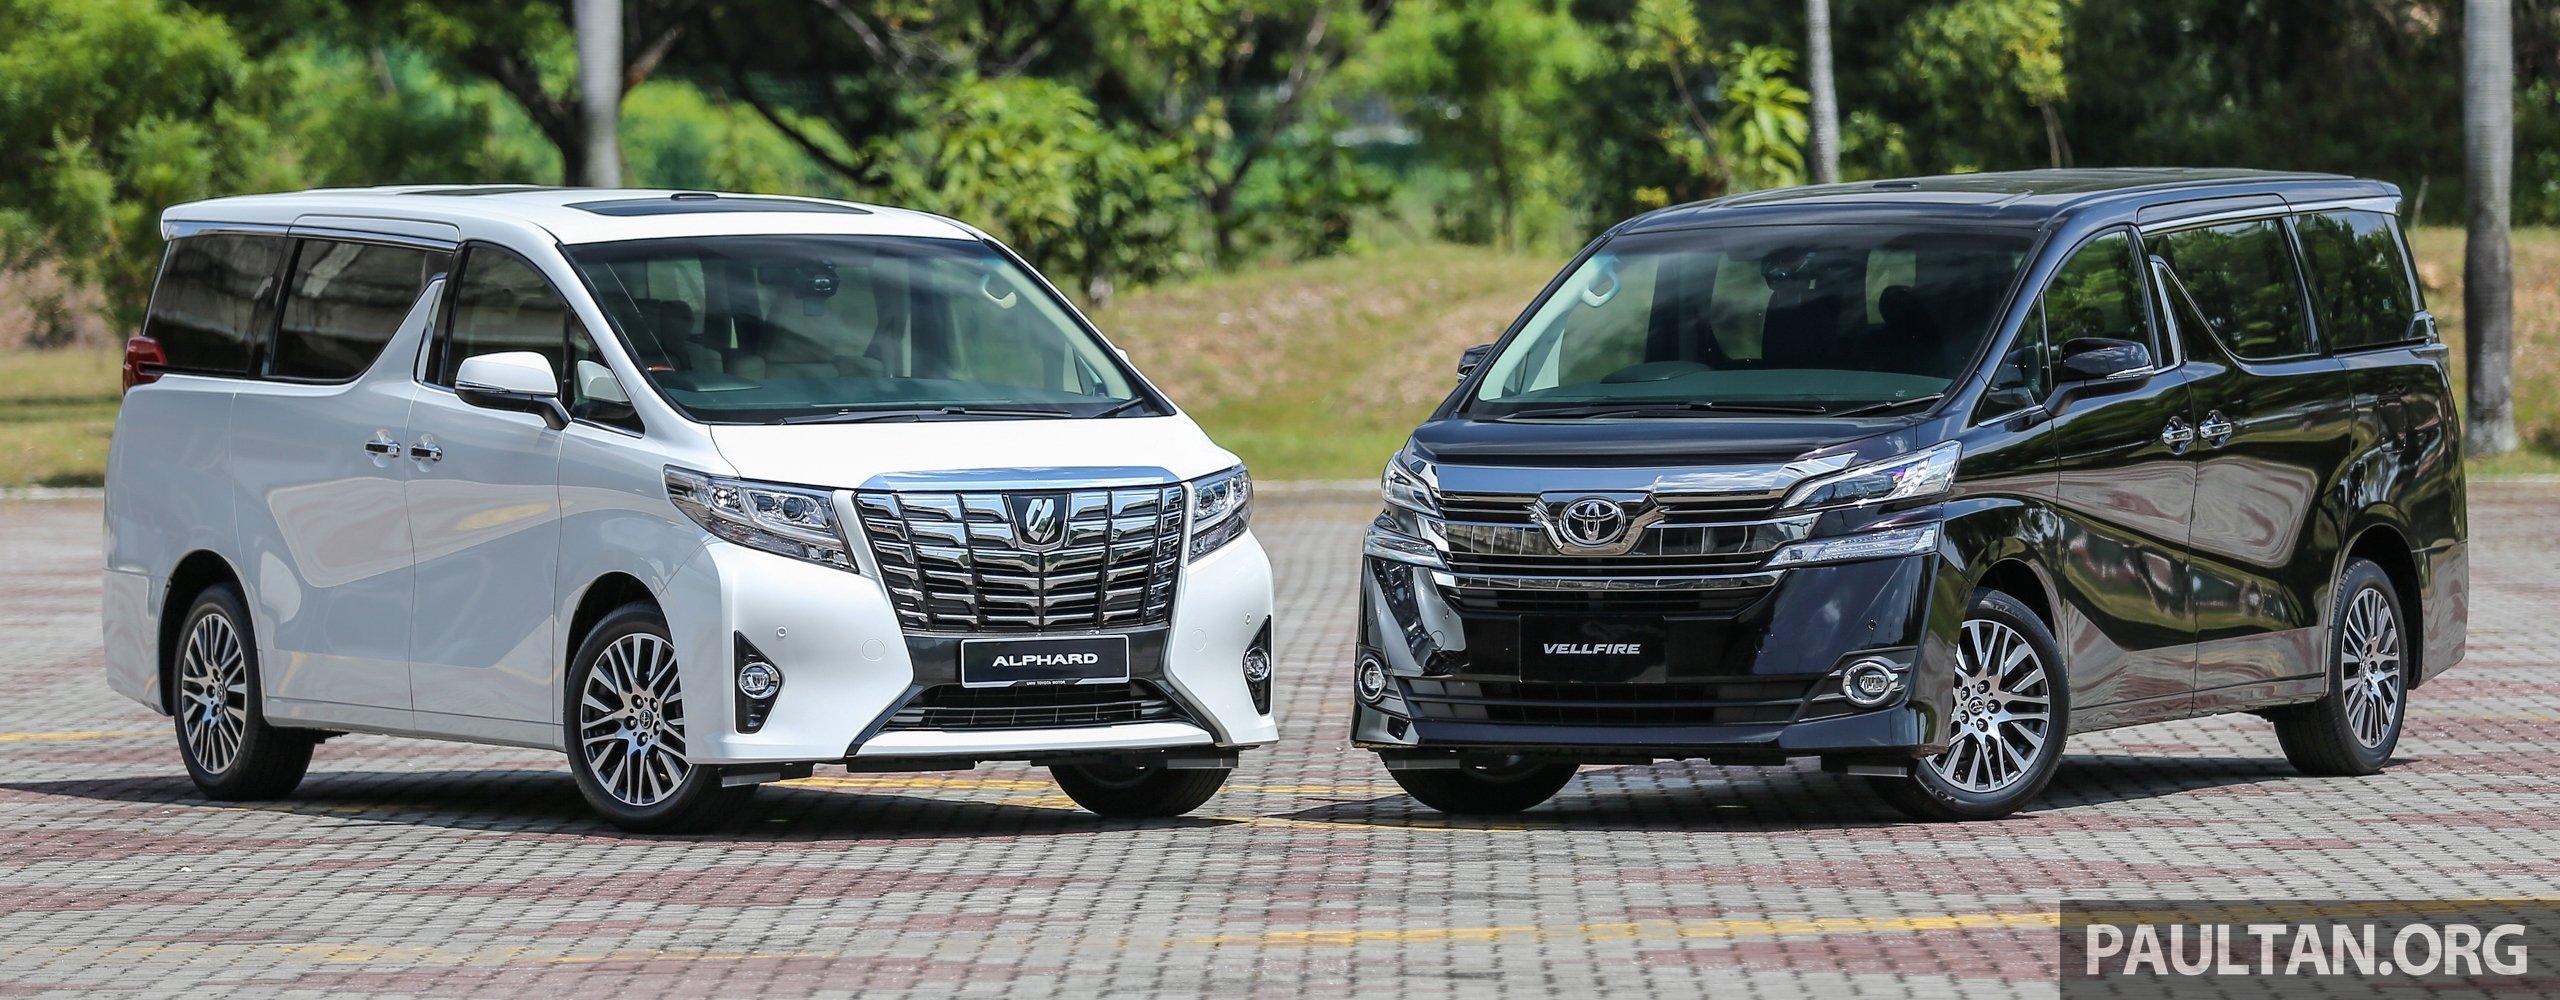 2017 Toyota Alphard 2017 2018 Best Cars Reviews